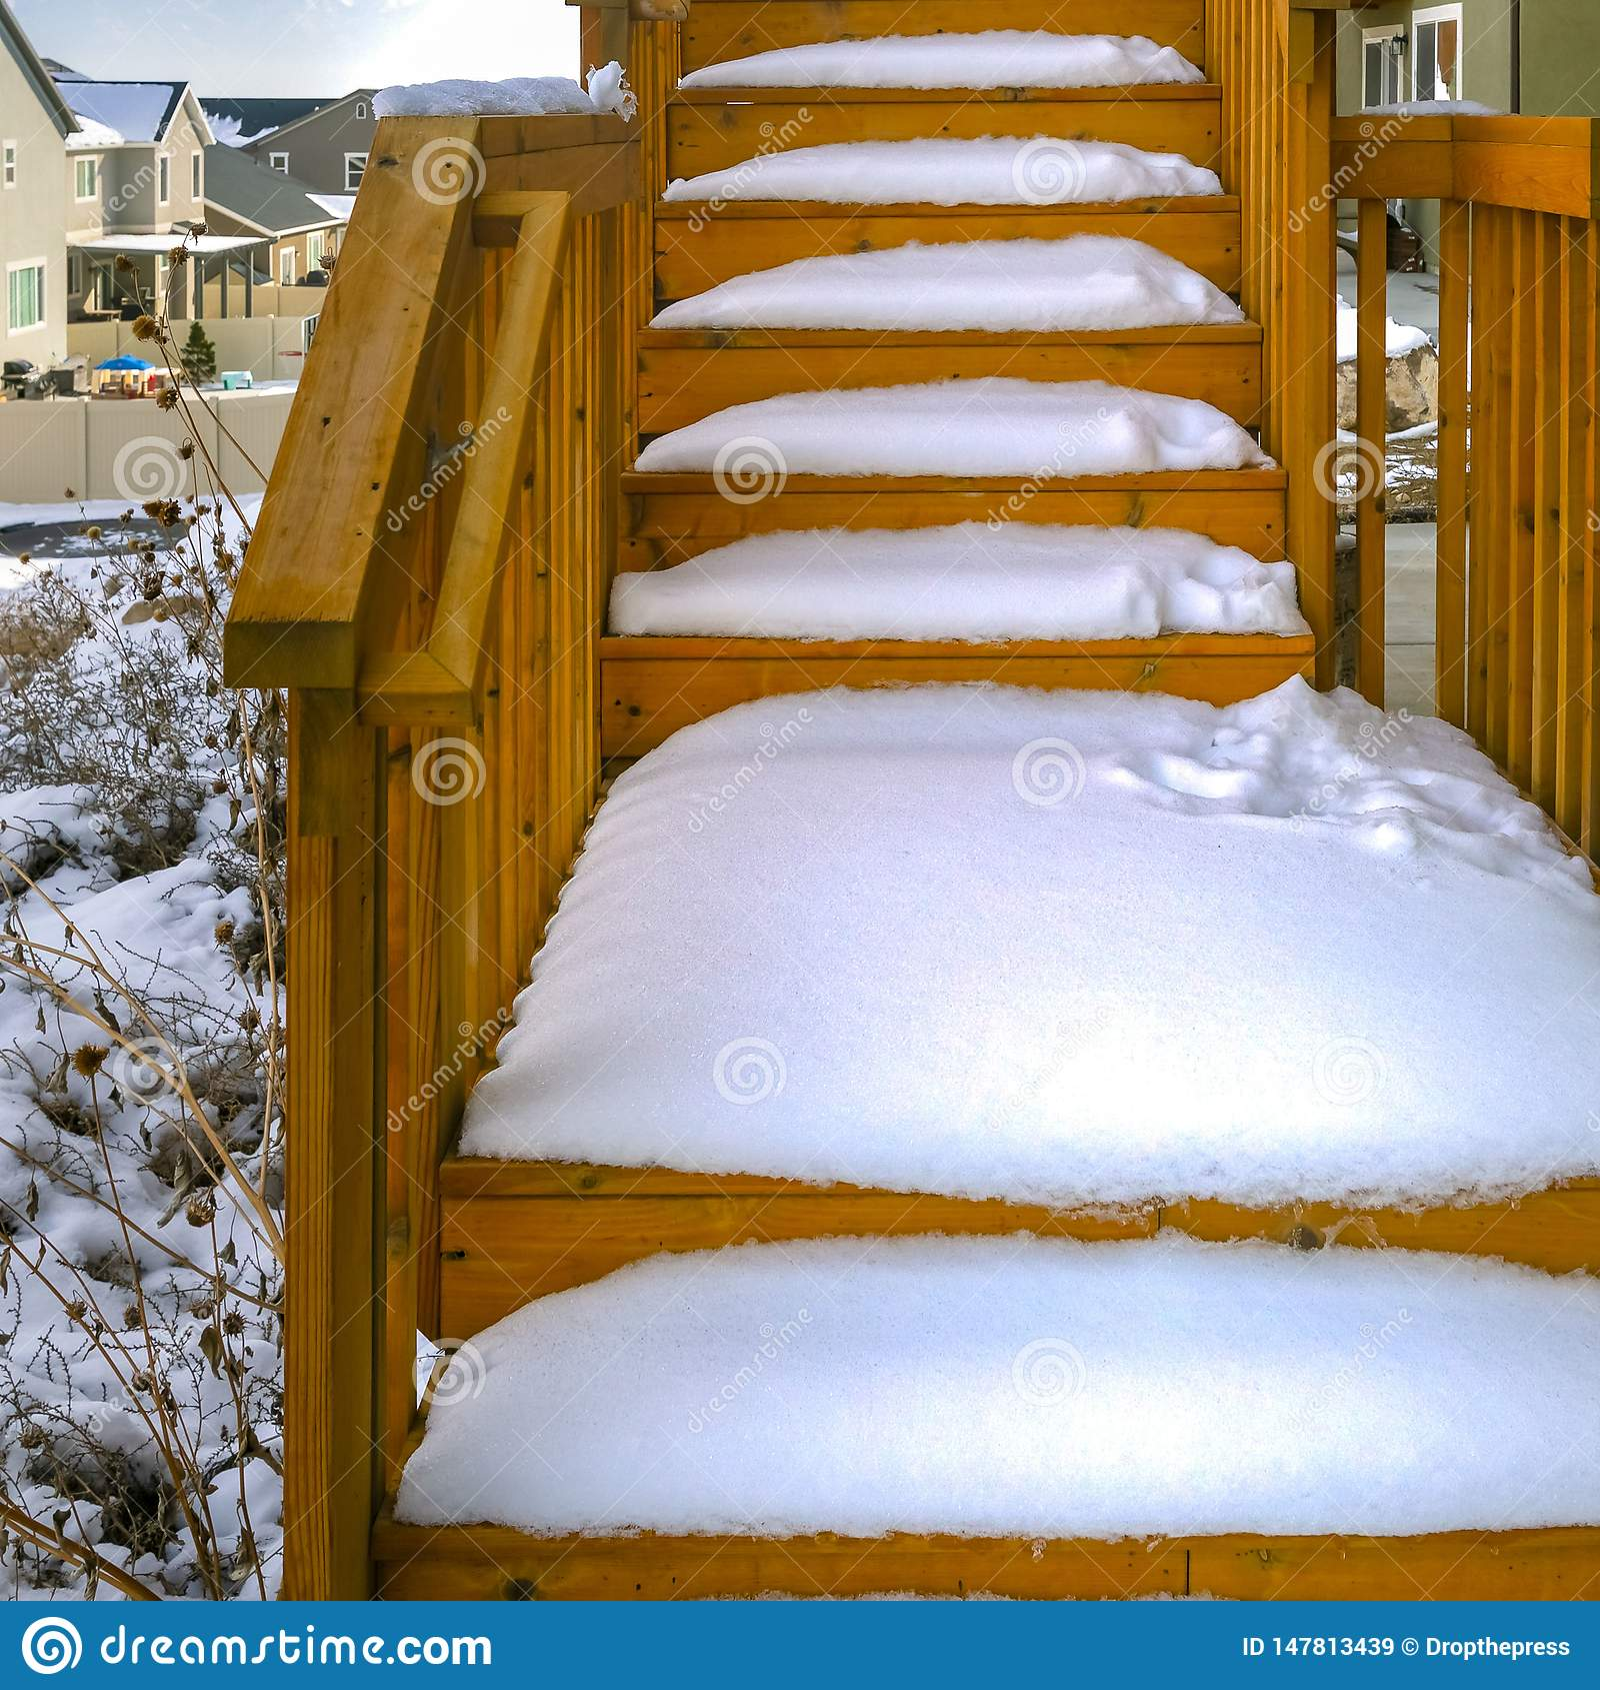 Escalera de madera al aire libre del cuadrado claro de un hogar cubierto con nieve durante la estación del invierno